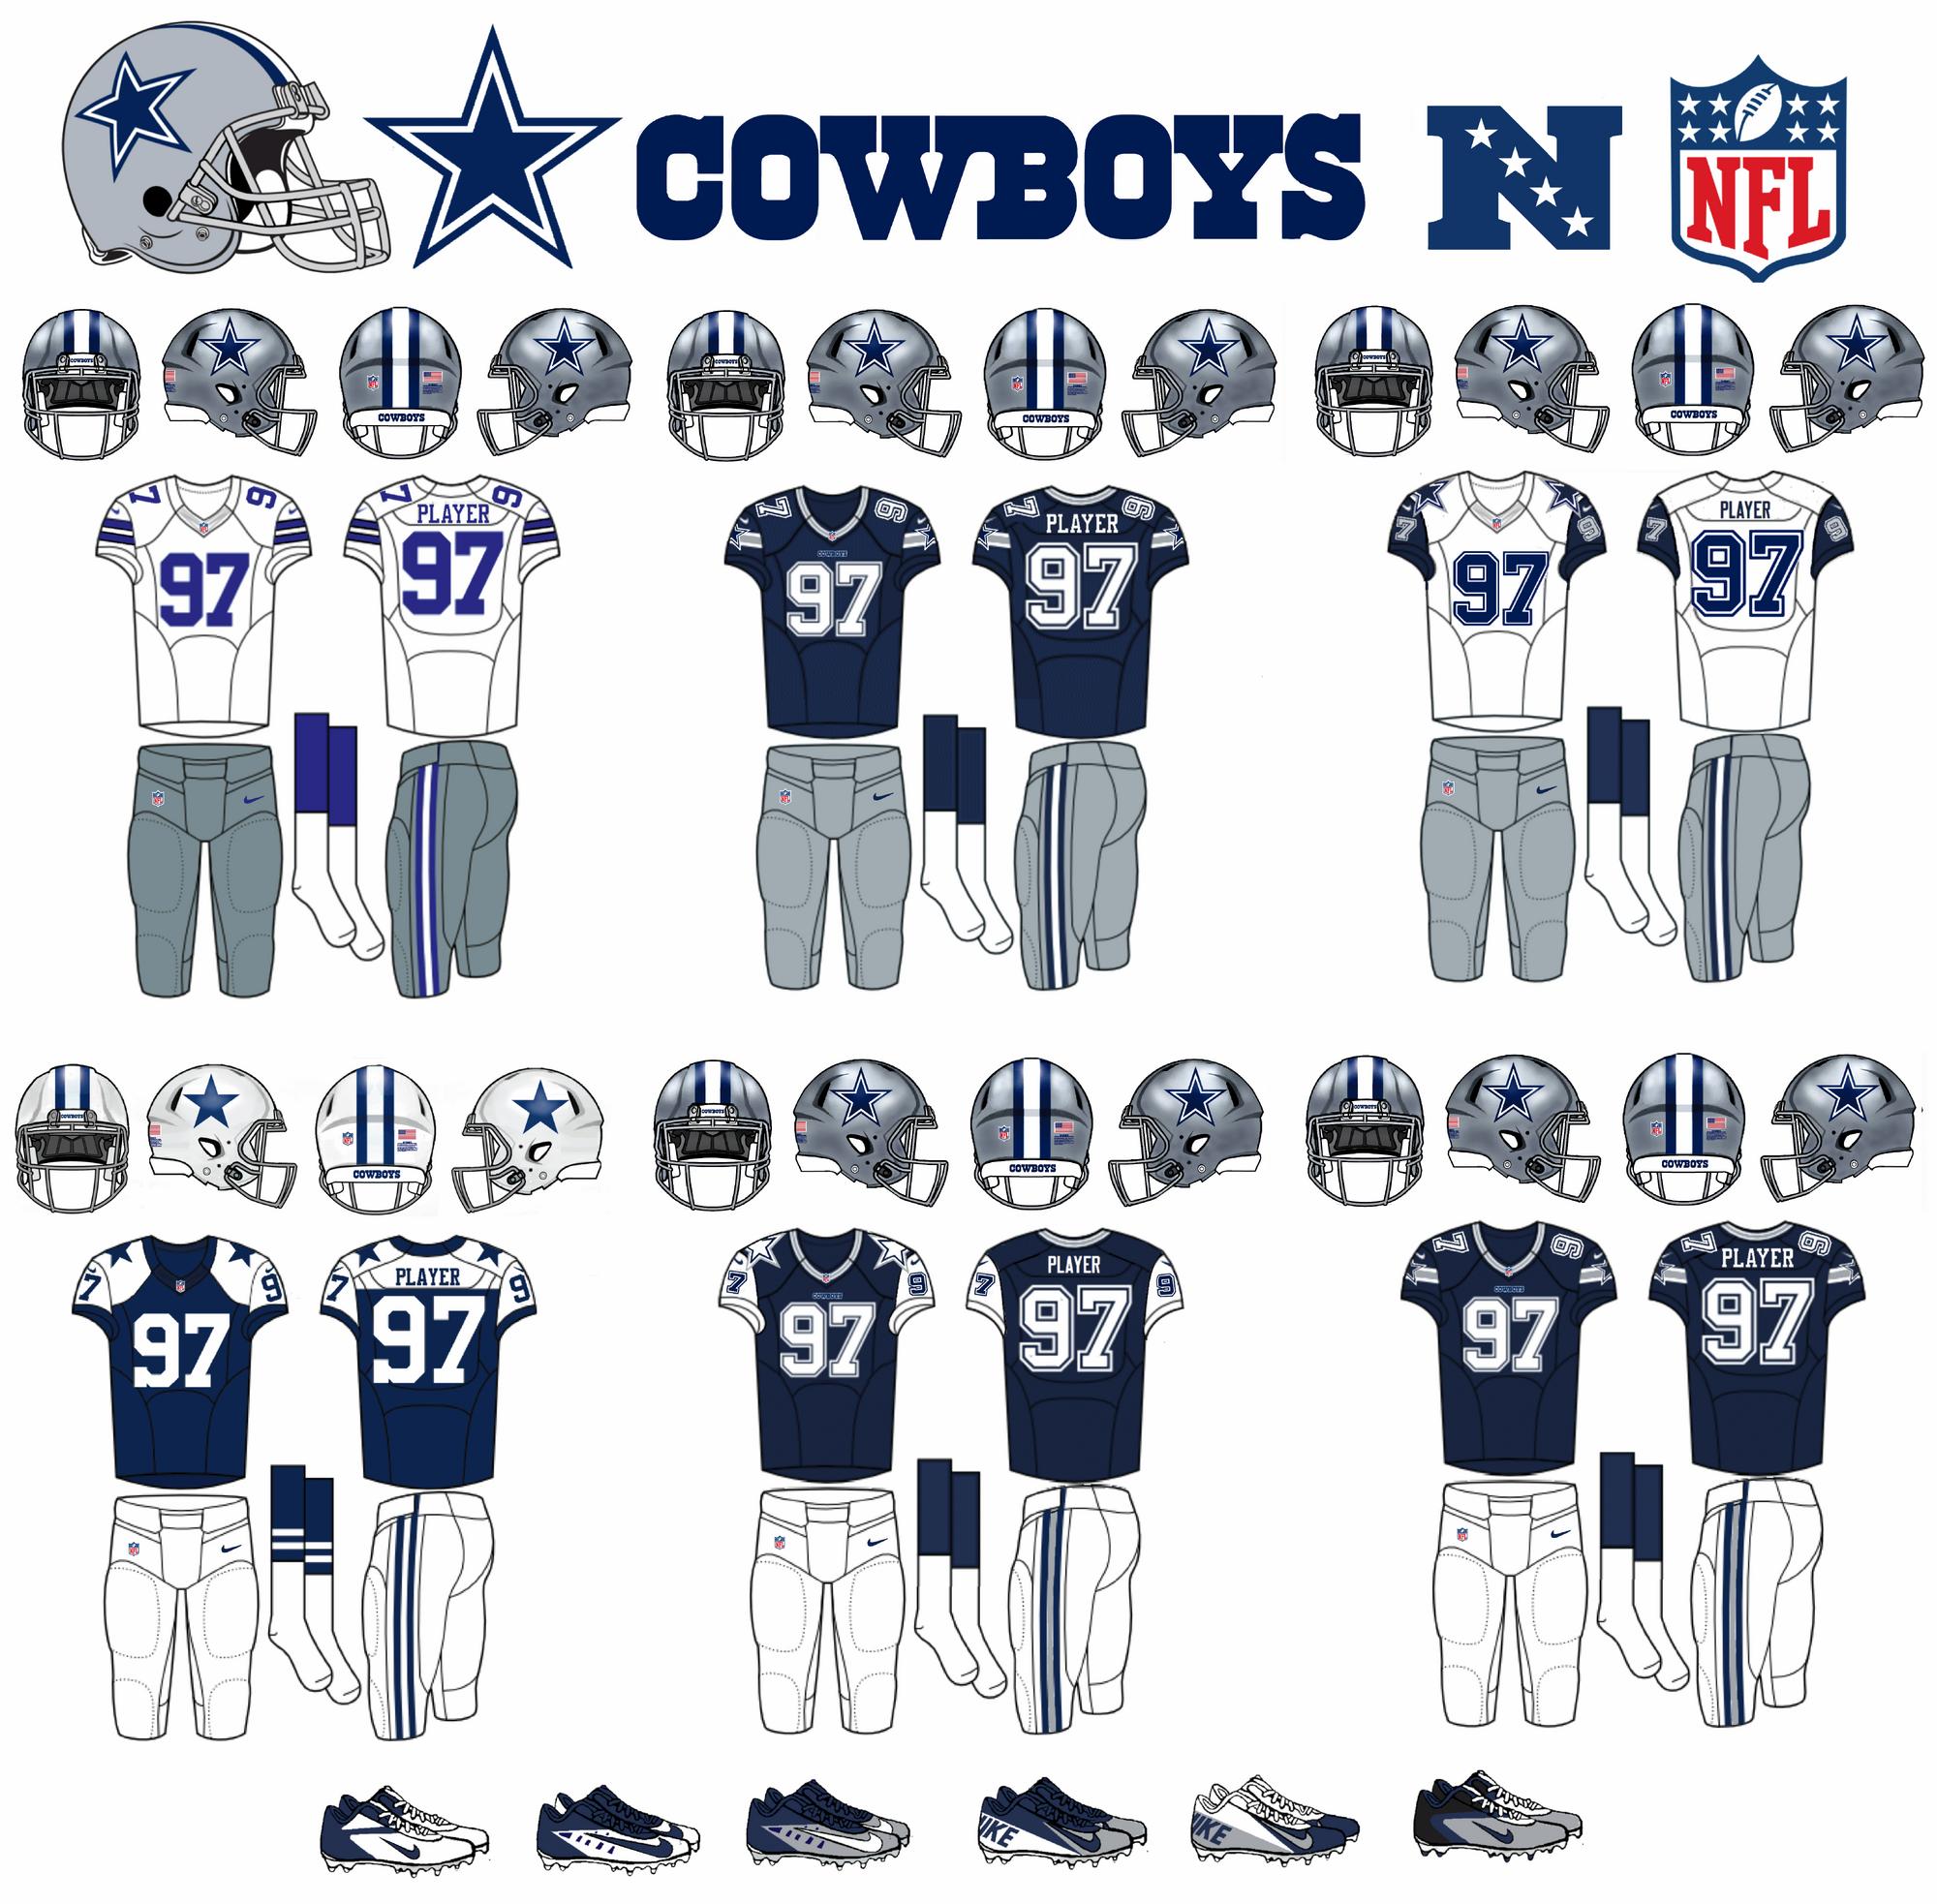 a9fc9b74aa2 2016 Dallas Cowboys   American Football Wiki   FANDOM powered by Wikia